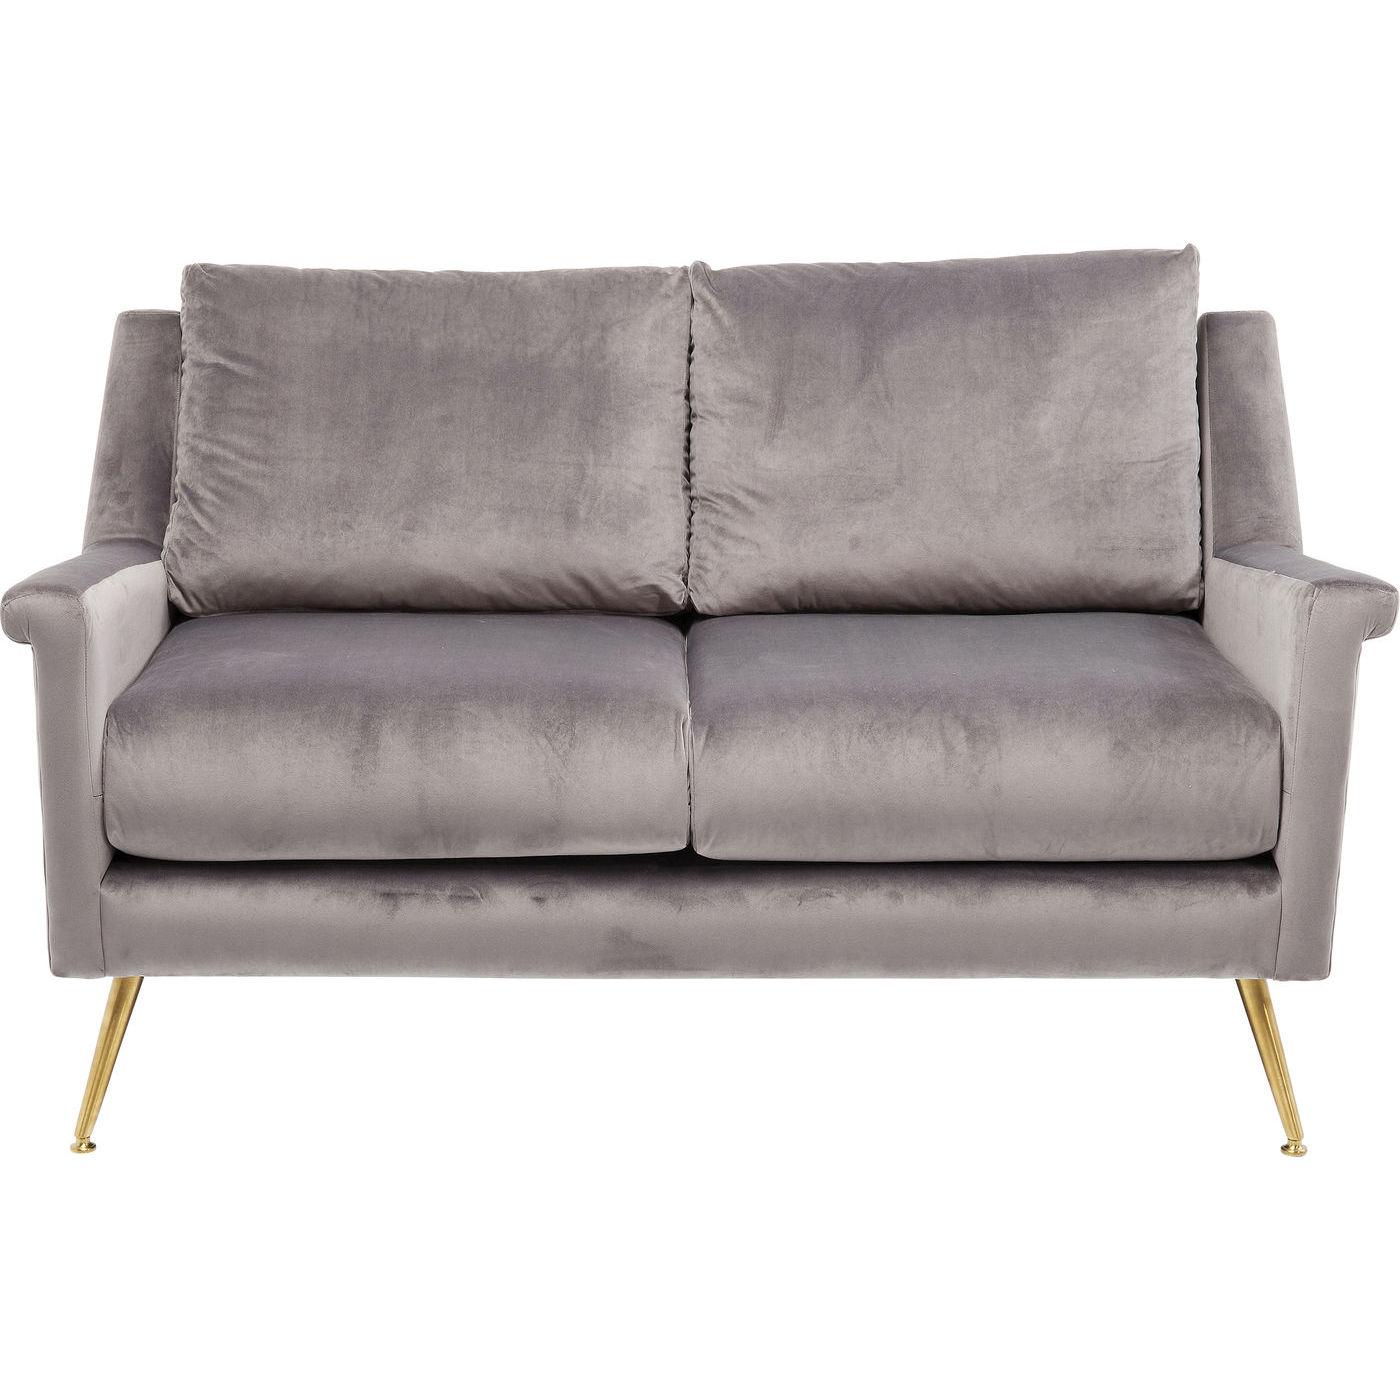 kare design – Kare design san diego grey 2-personers sofa - gråt stof/messing stål, m. armlæn fra boboonline.dk